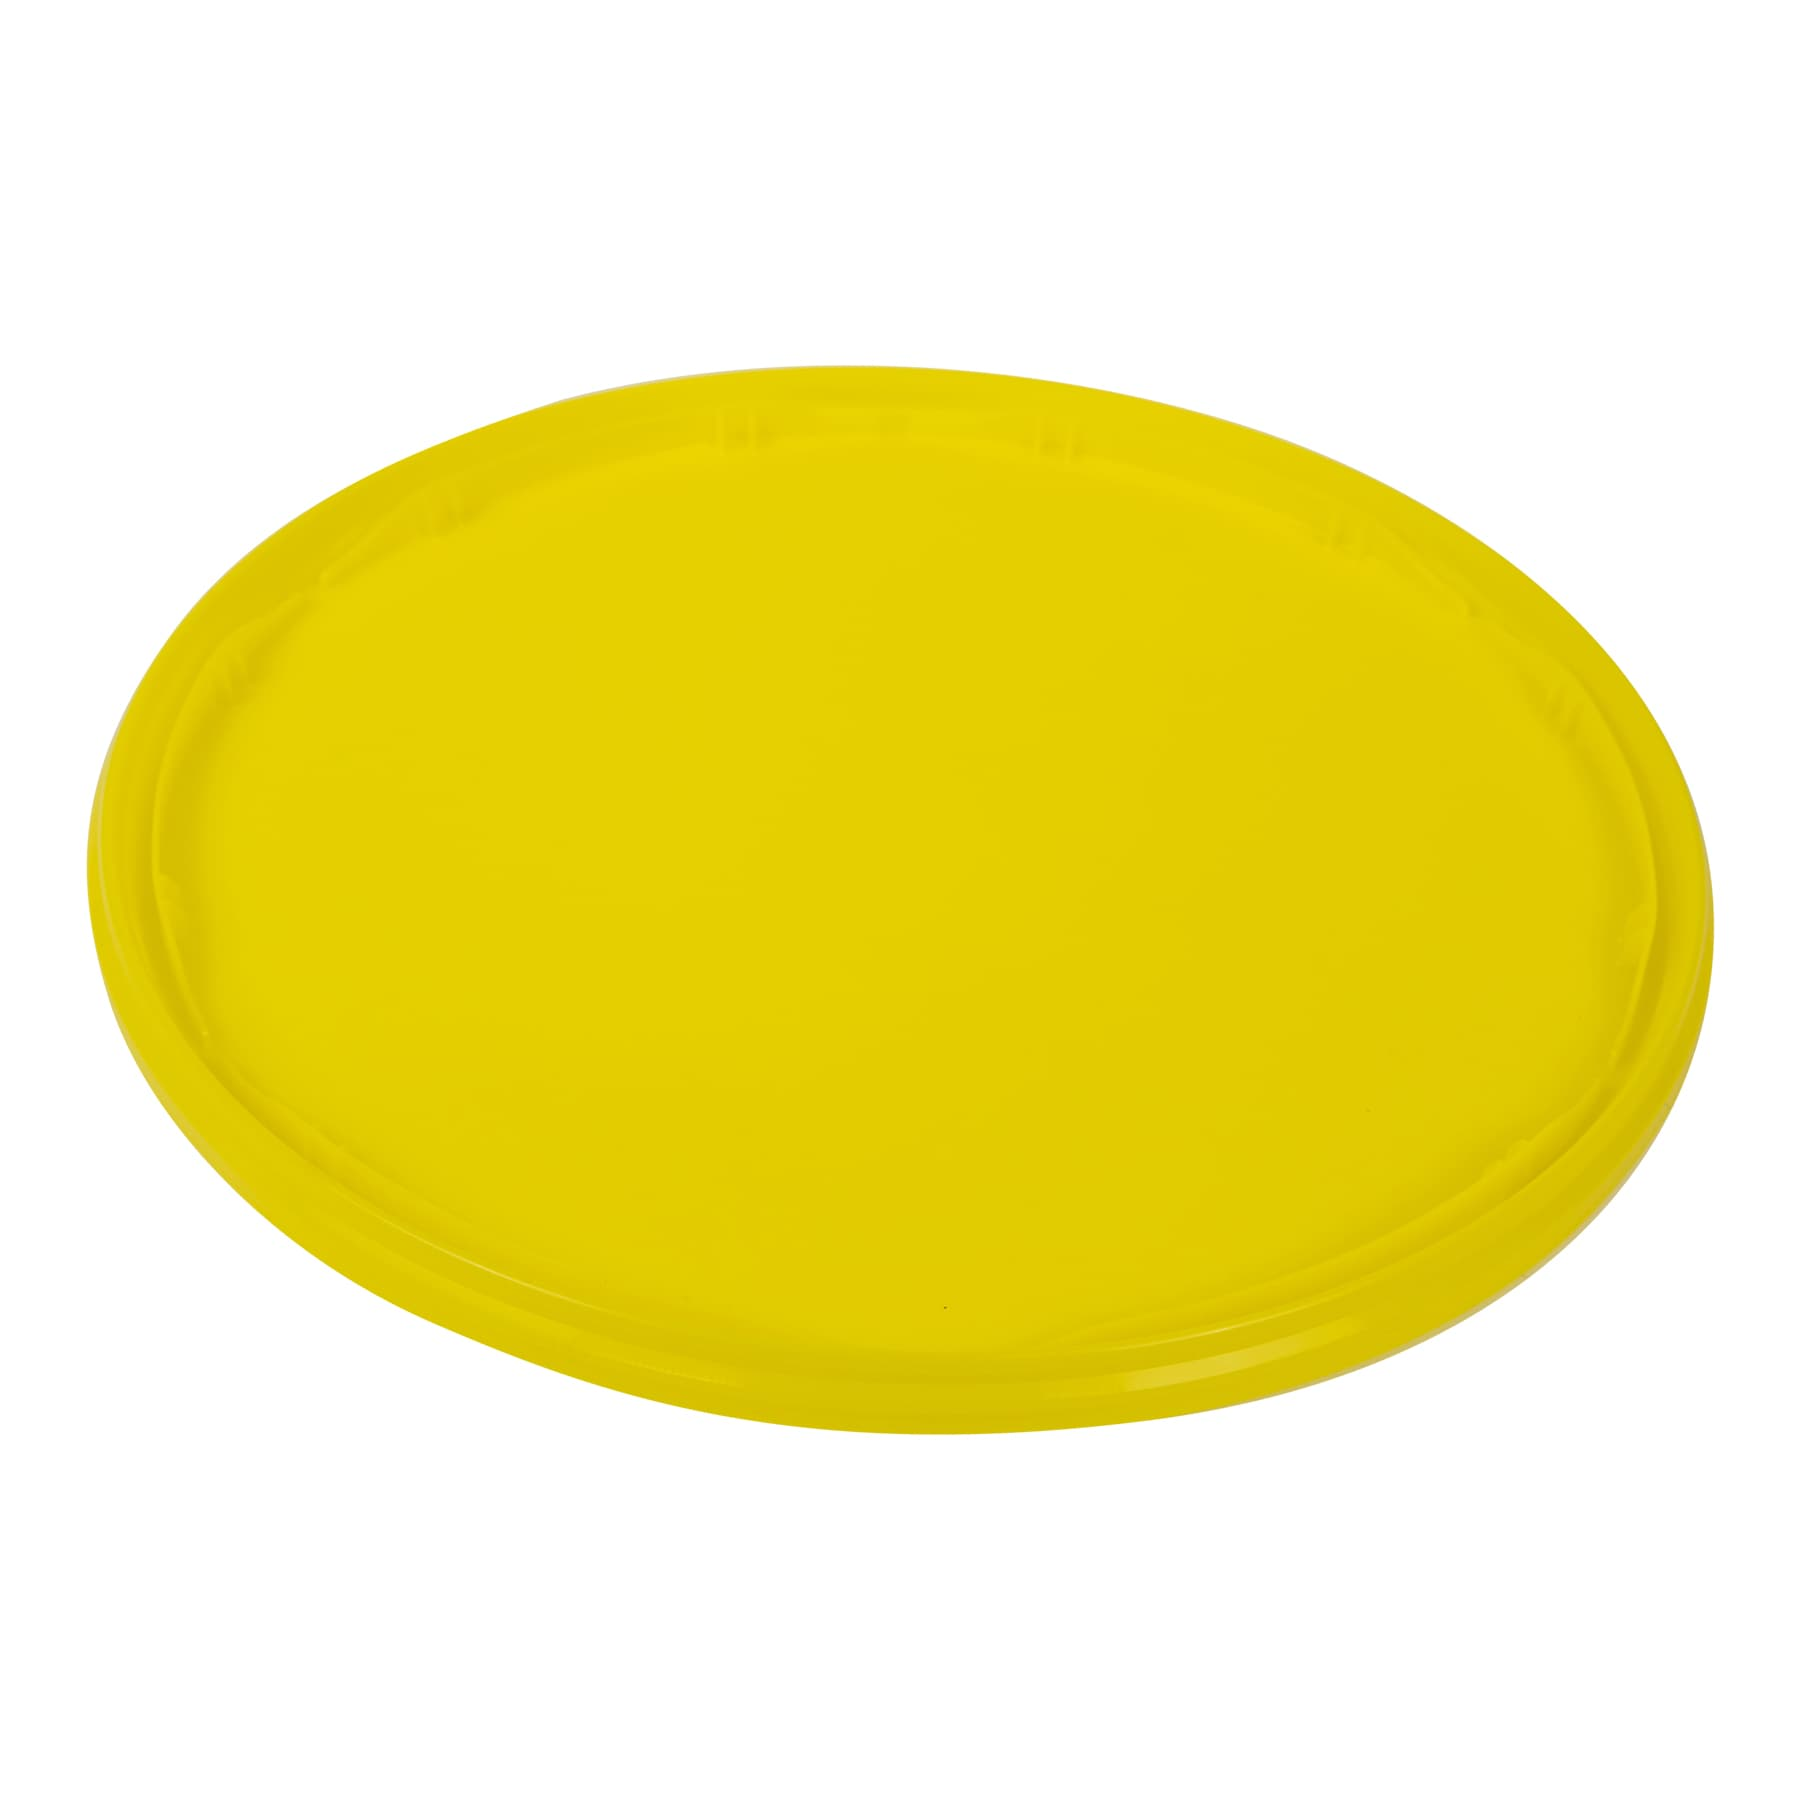 Ersatzdeckel für Honigeimer mit Metall-Tragebügel für ca. 25 kg Honig